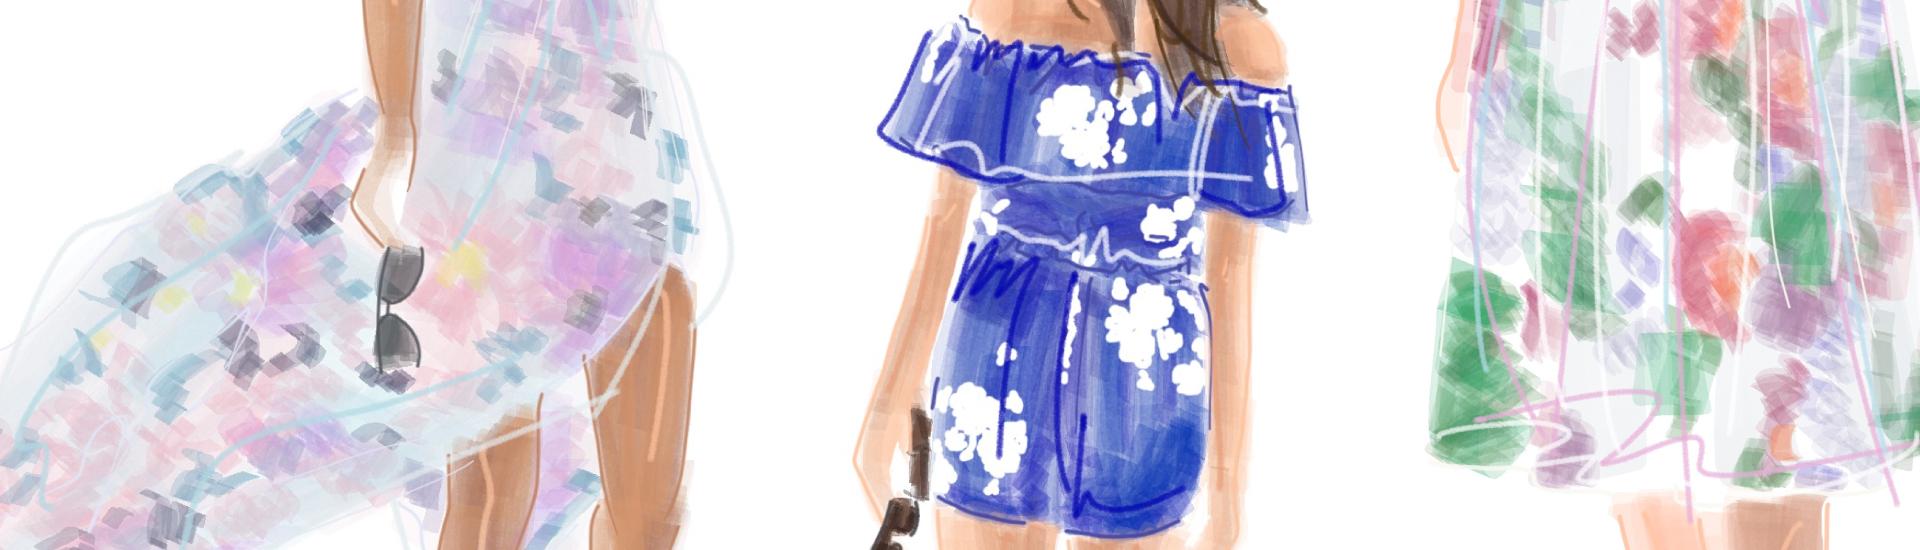 fashion-illustration-cover-activello